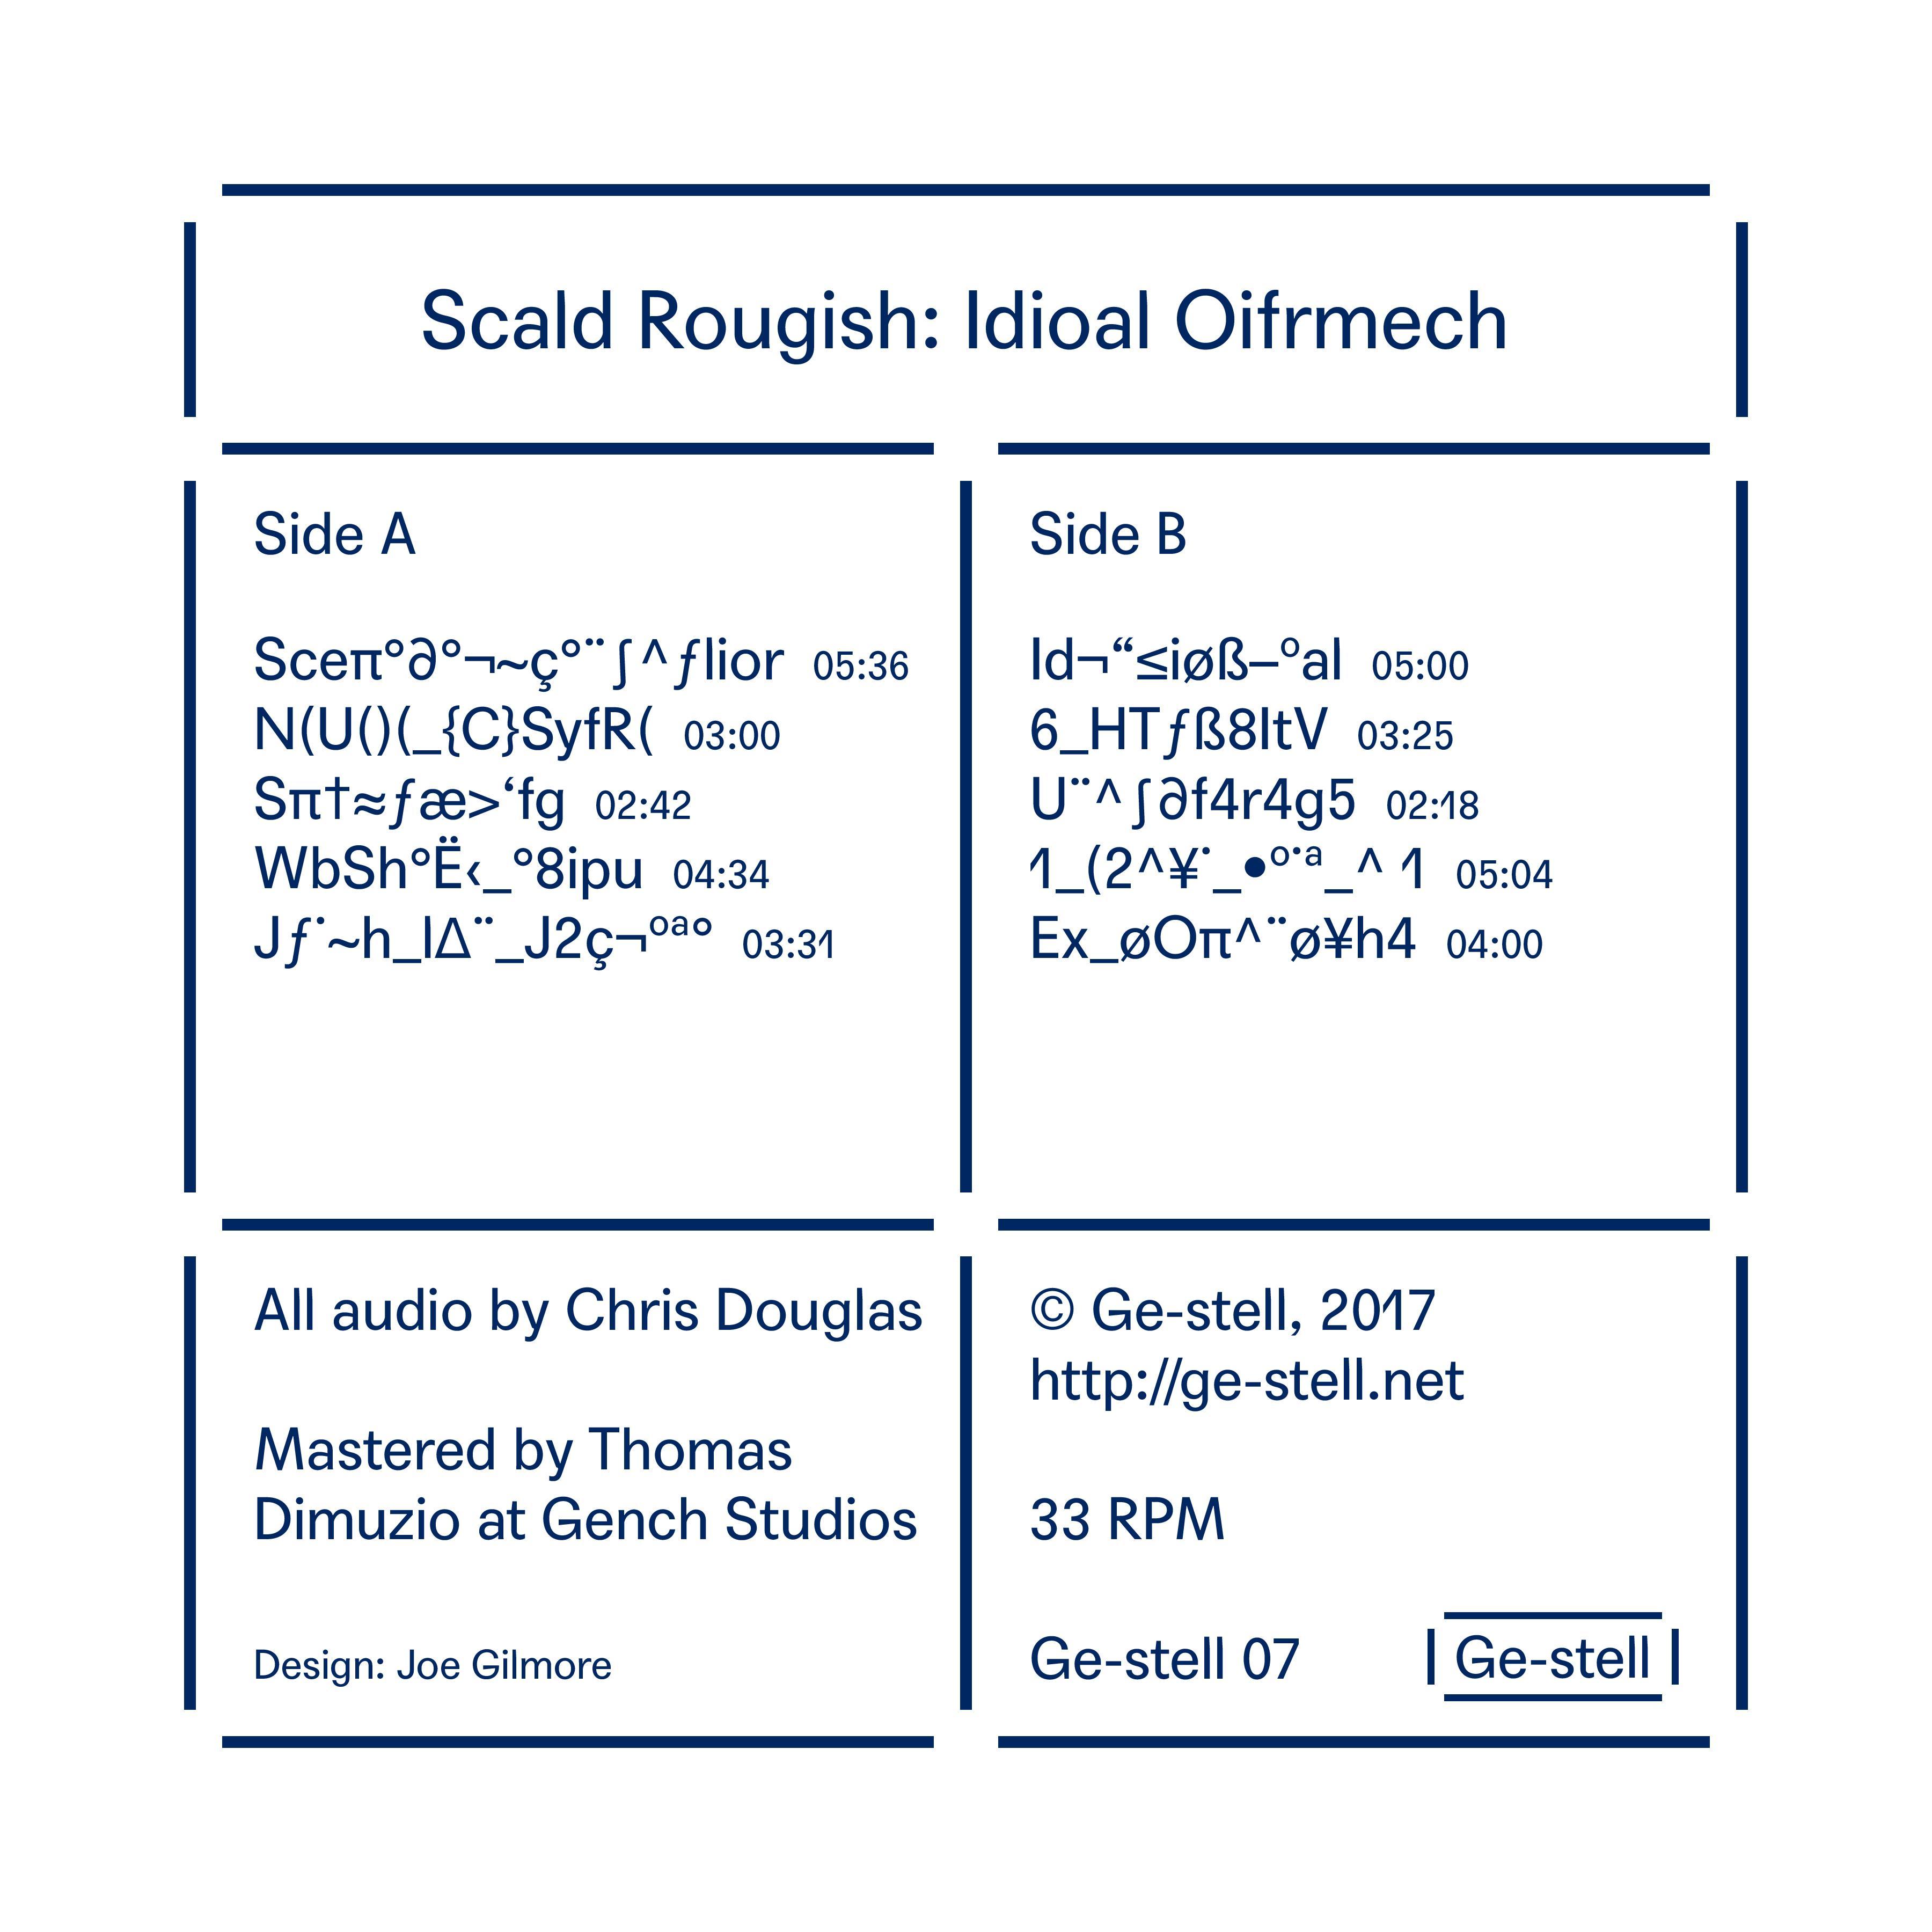 Scald Rougish - Idioal Oifrmech (LP)